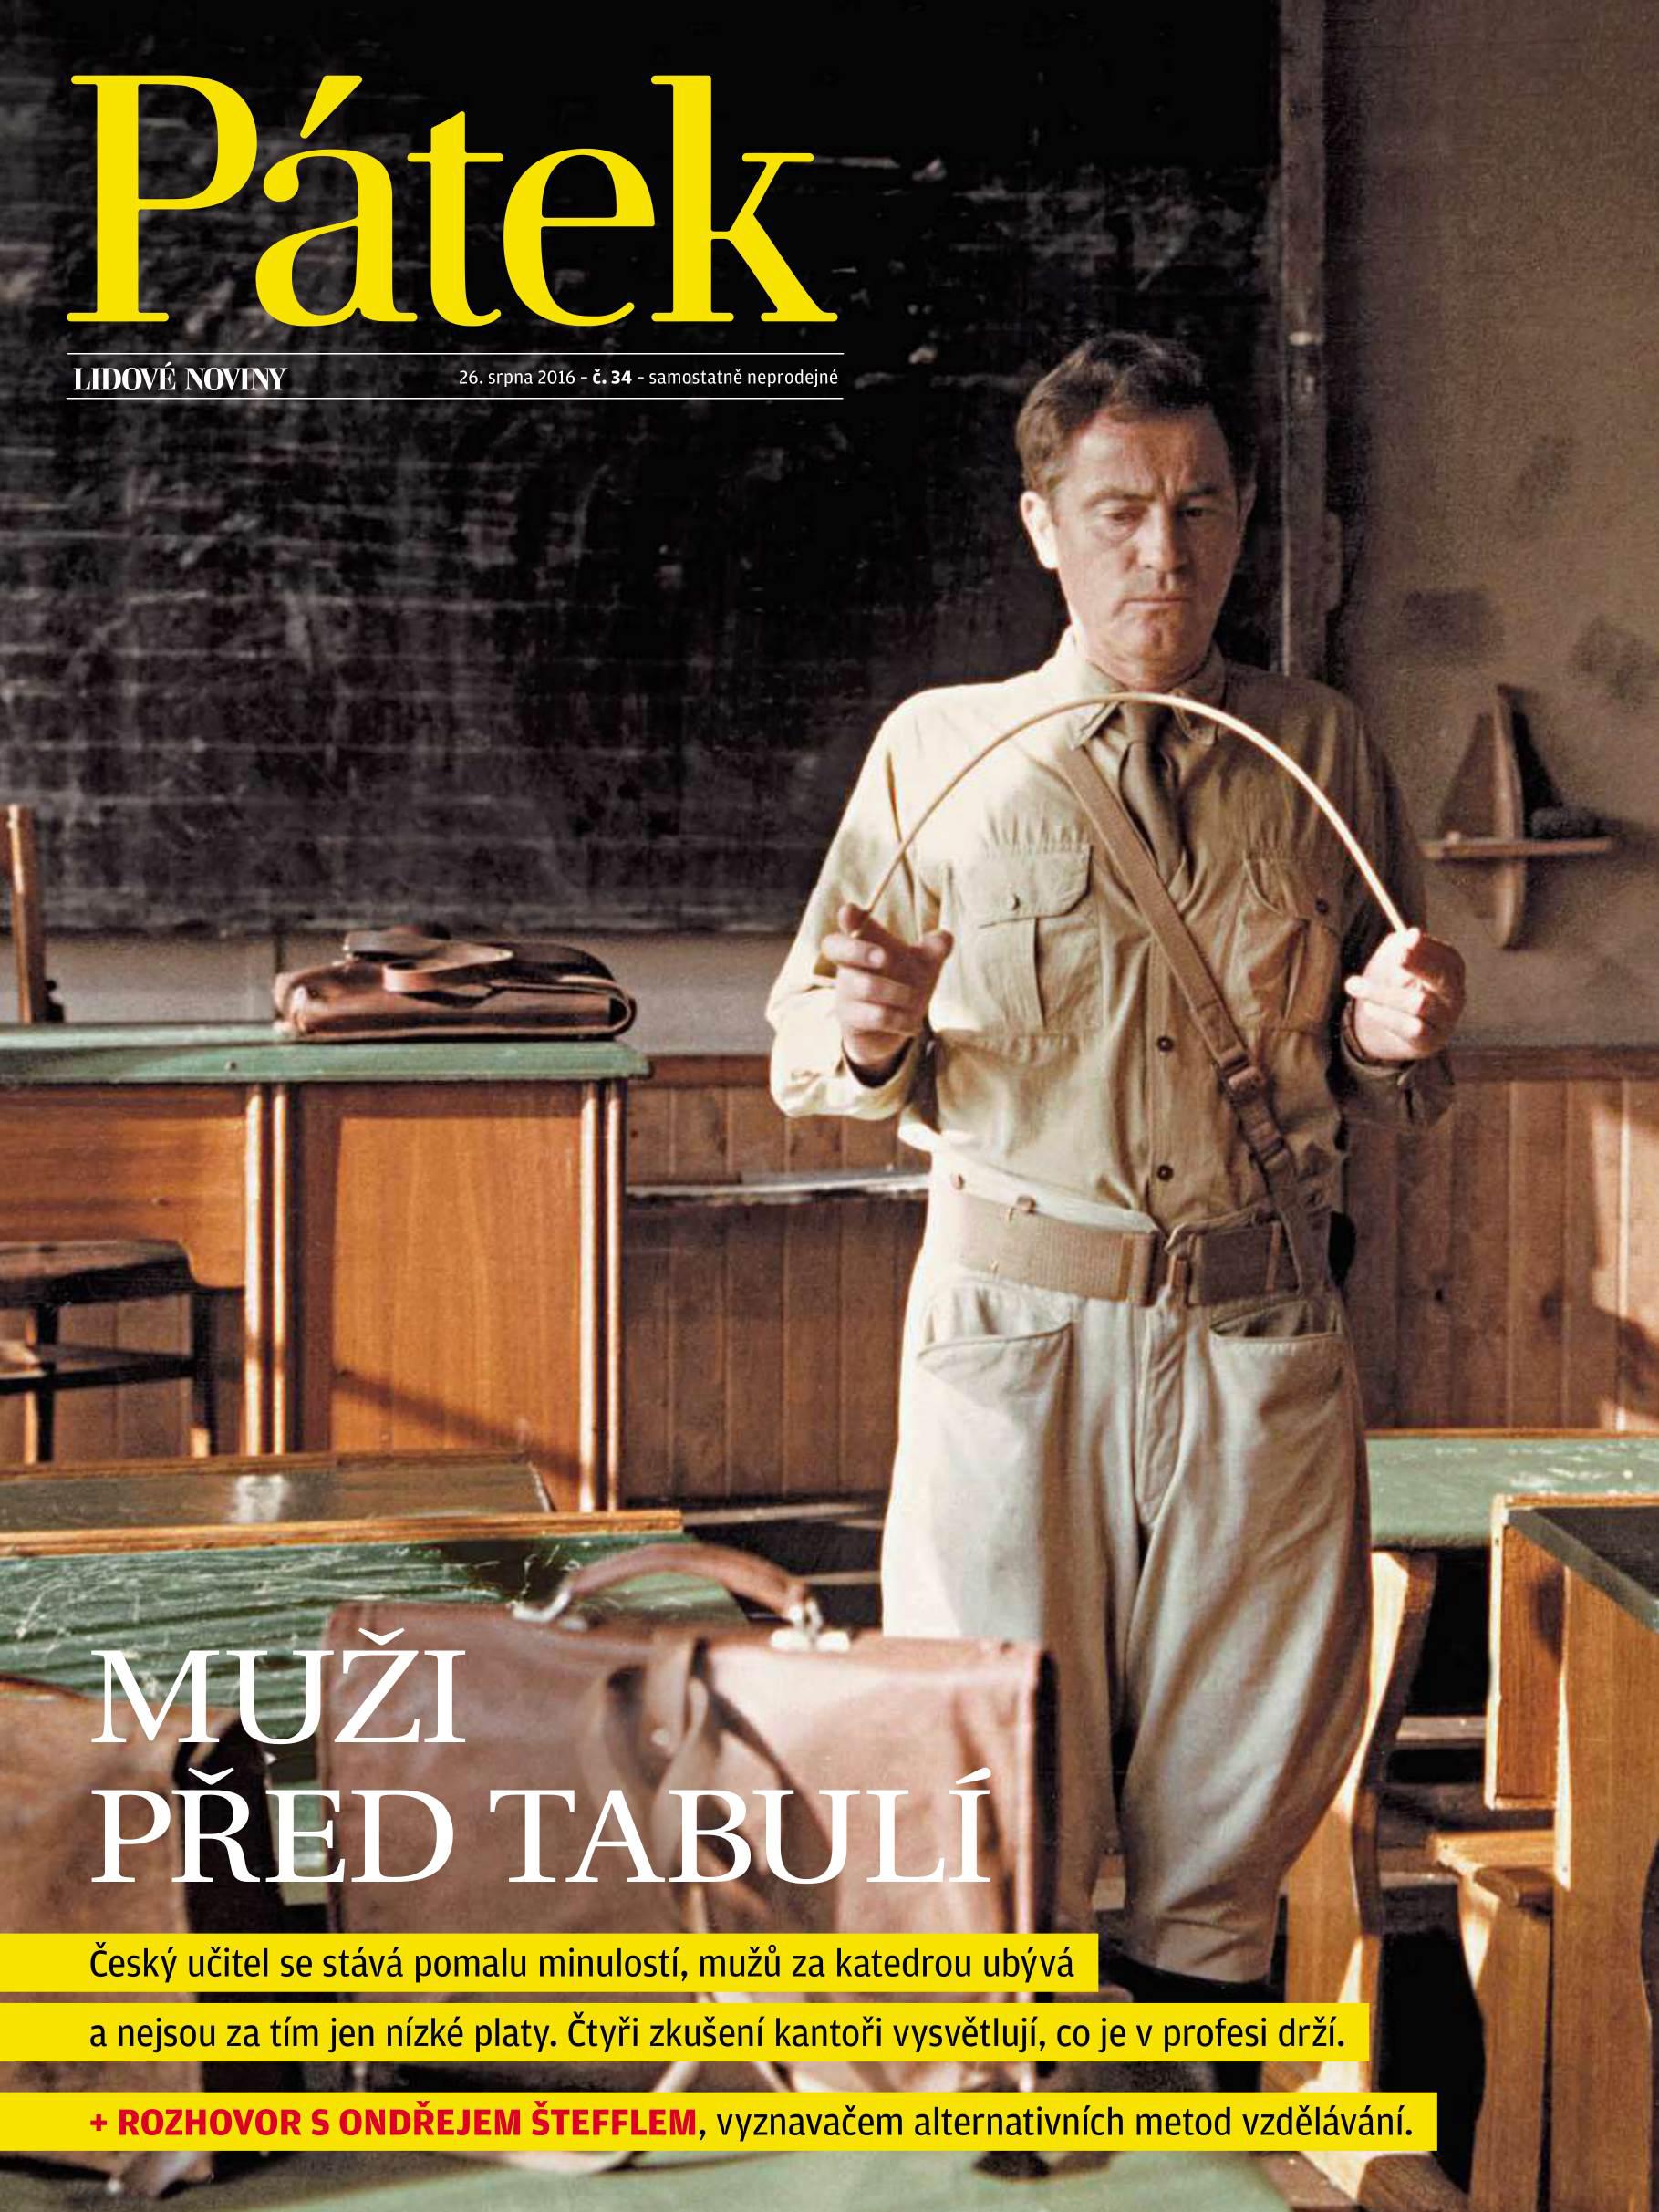 Patek LN - interview